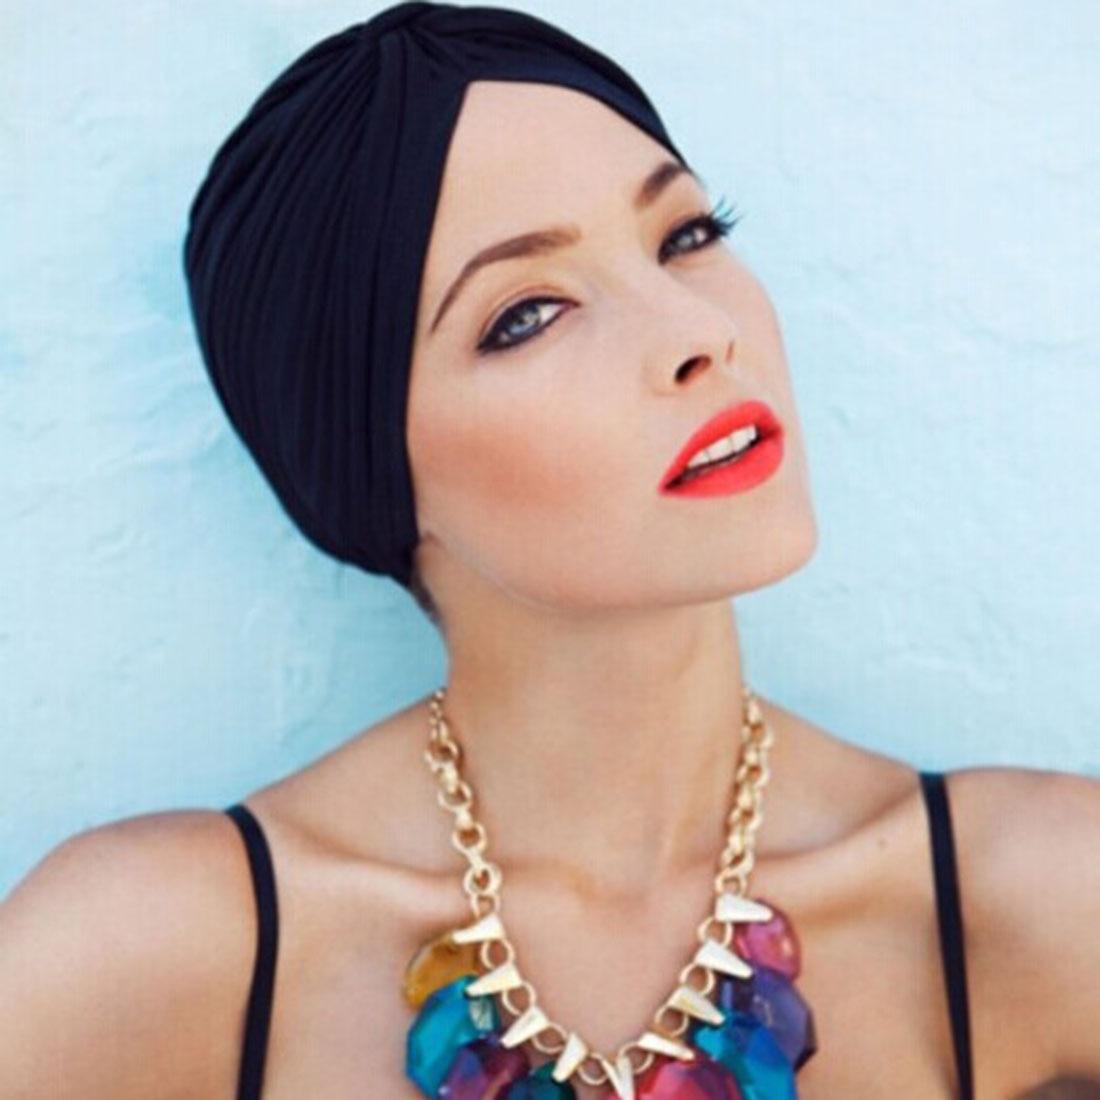 Stretchy Turban Muslimischen Hut frauen Hut Mode Feste Bandage Bandanas Stirnband Wrap Chemo Hijab Verknotet Indischen Cap Haar Verlust hut